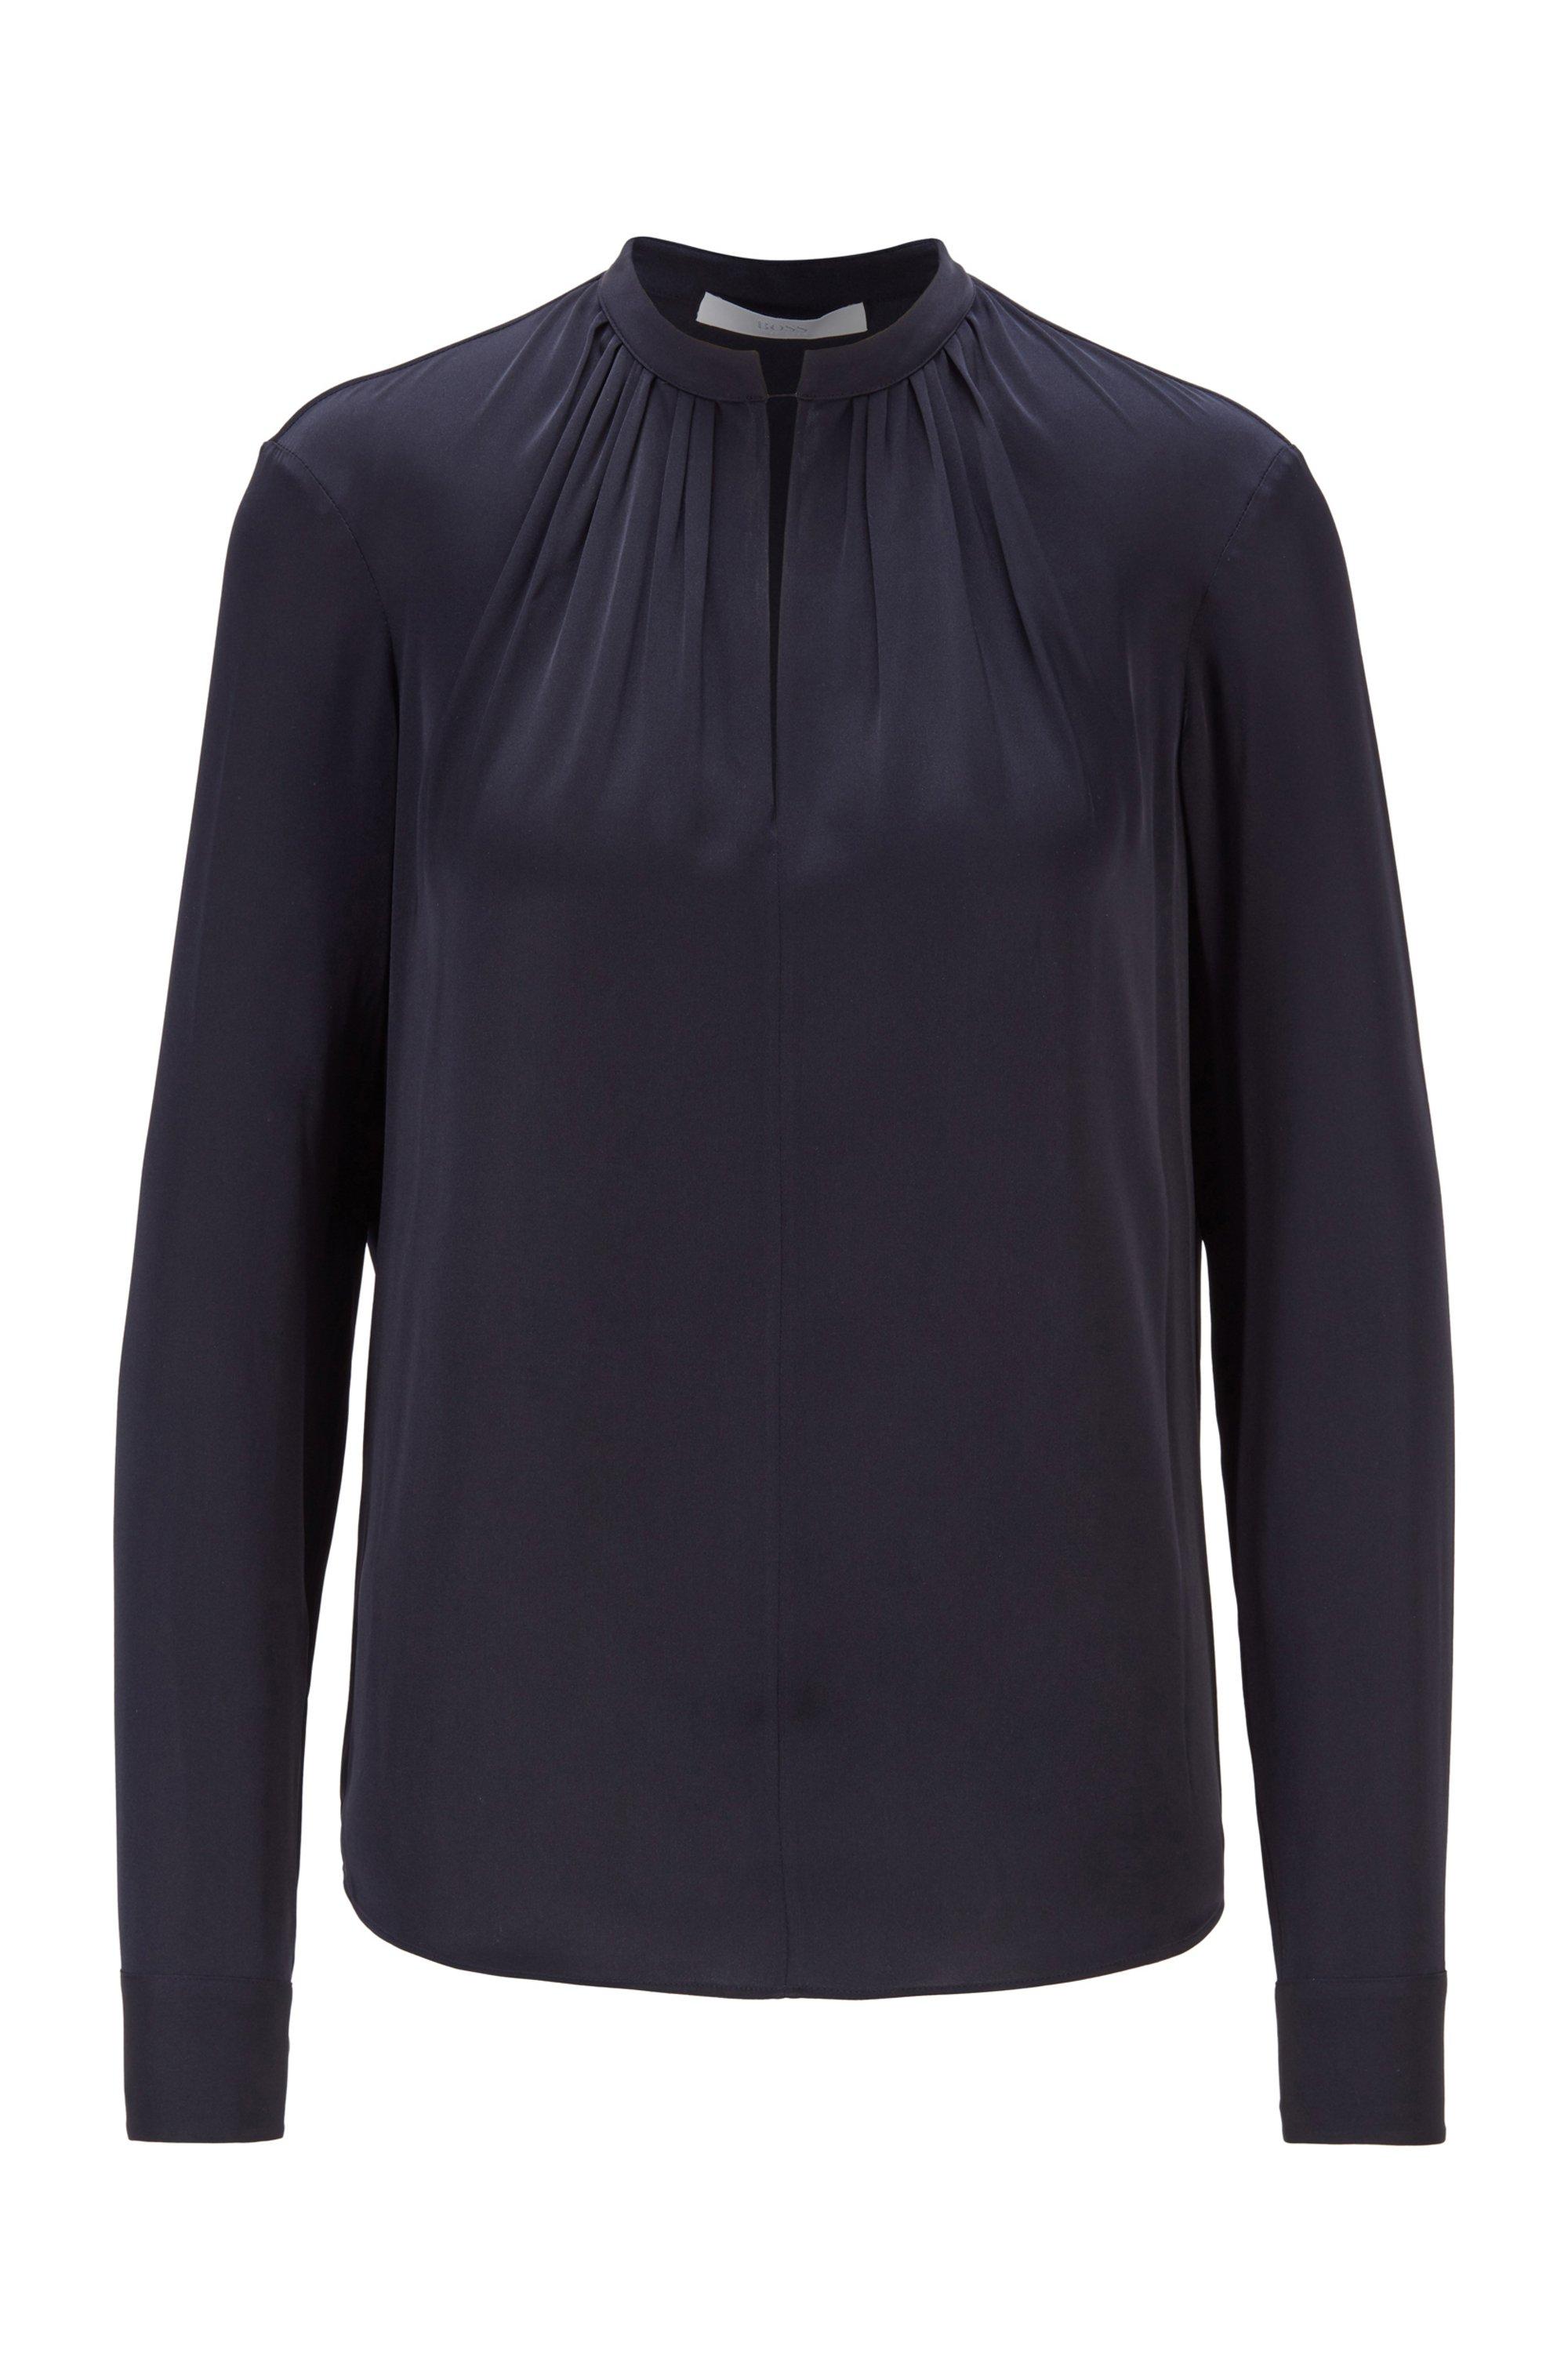 Regular-Fit Bluse aus Crêpe de Chine mit Stehkragen, Dunkelblau